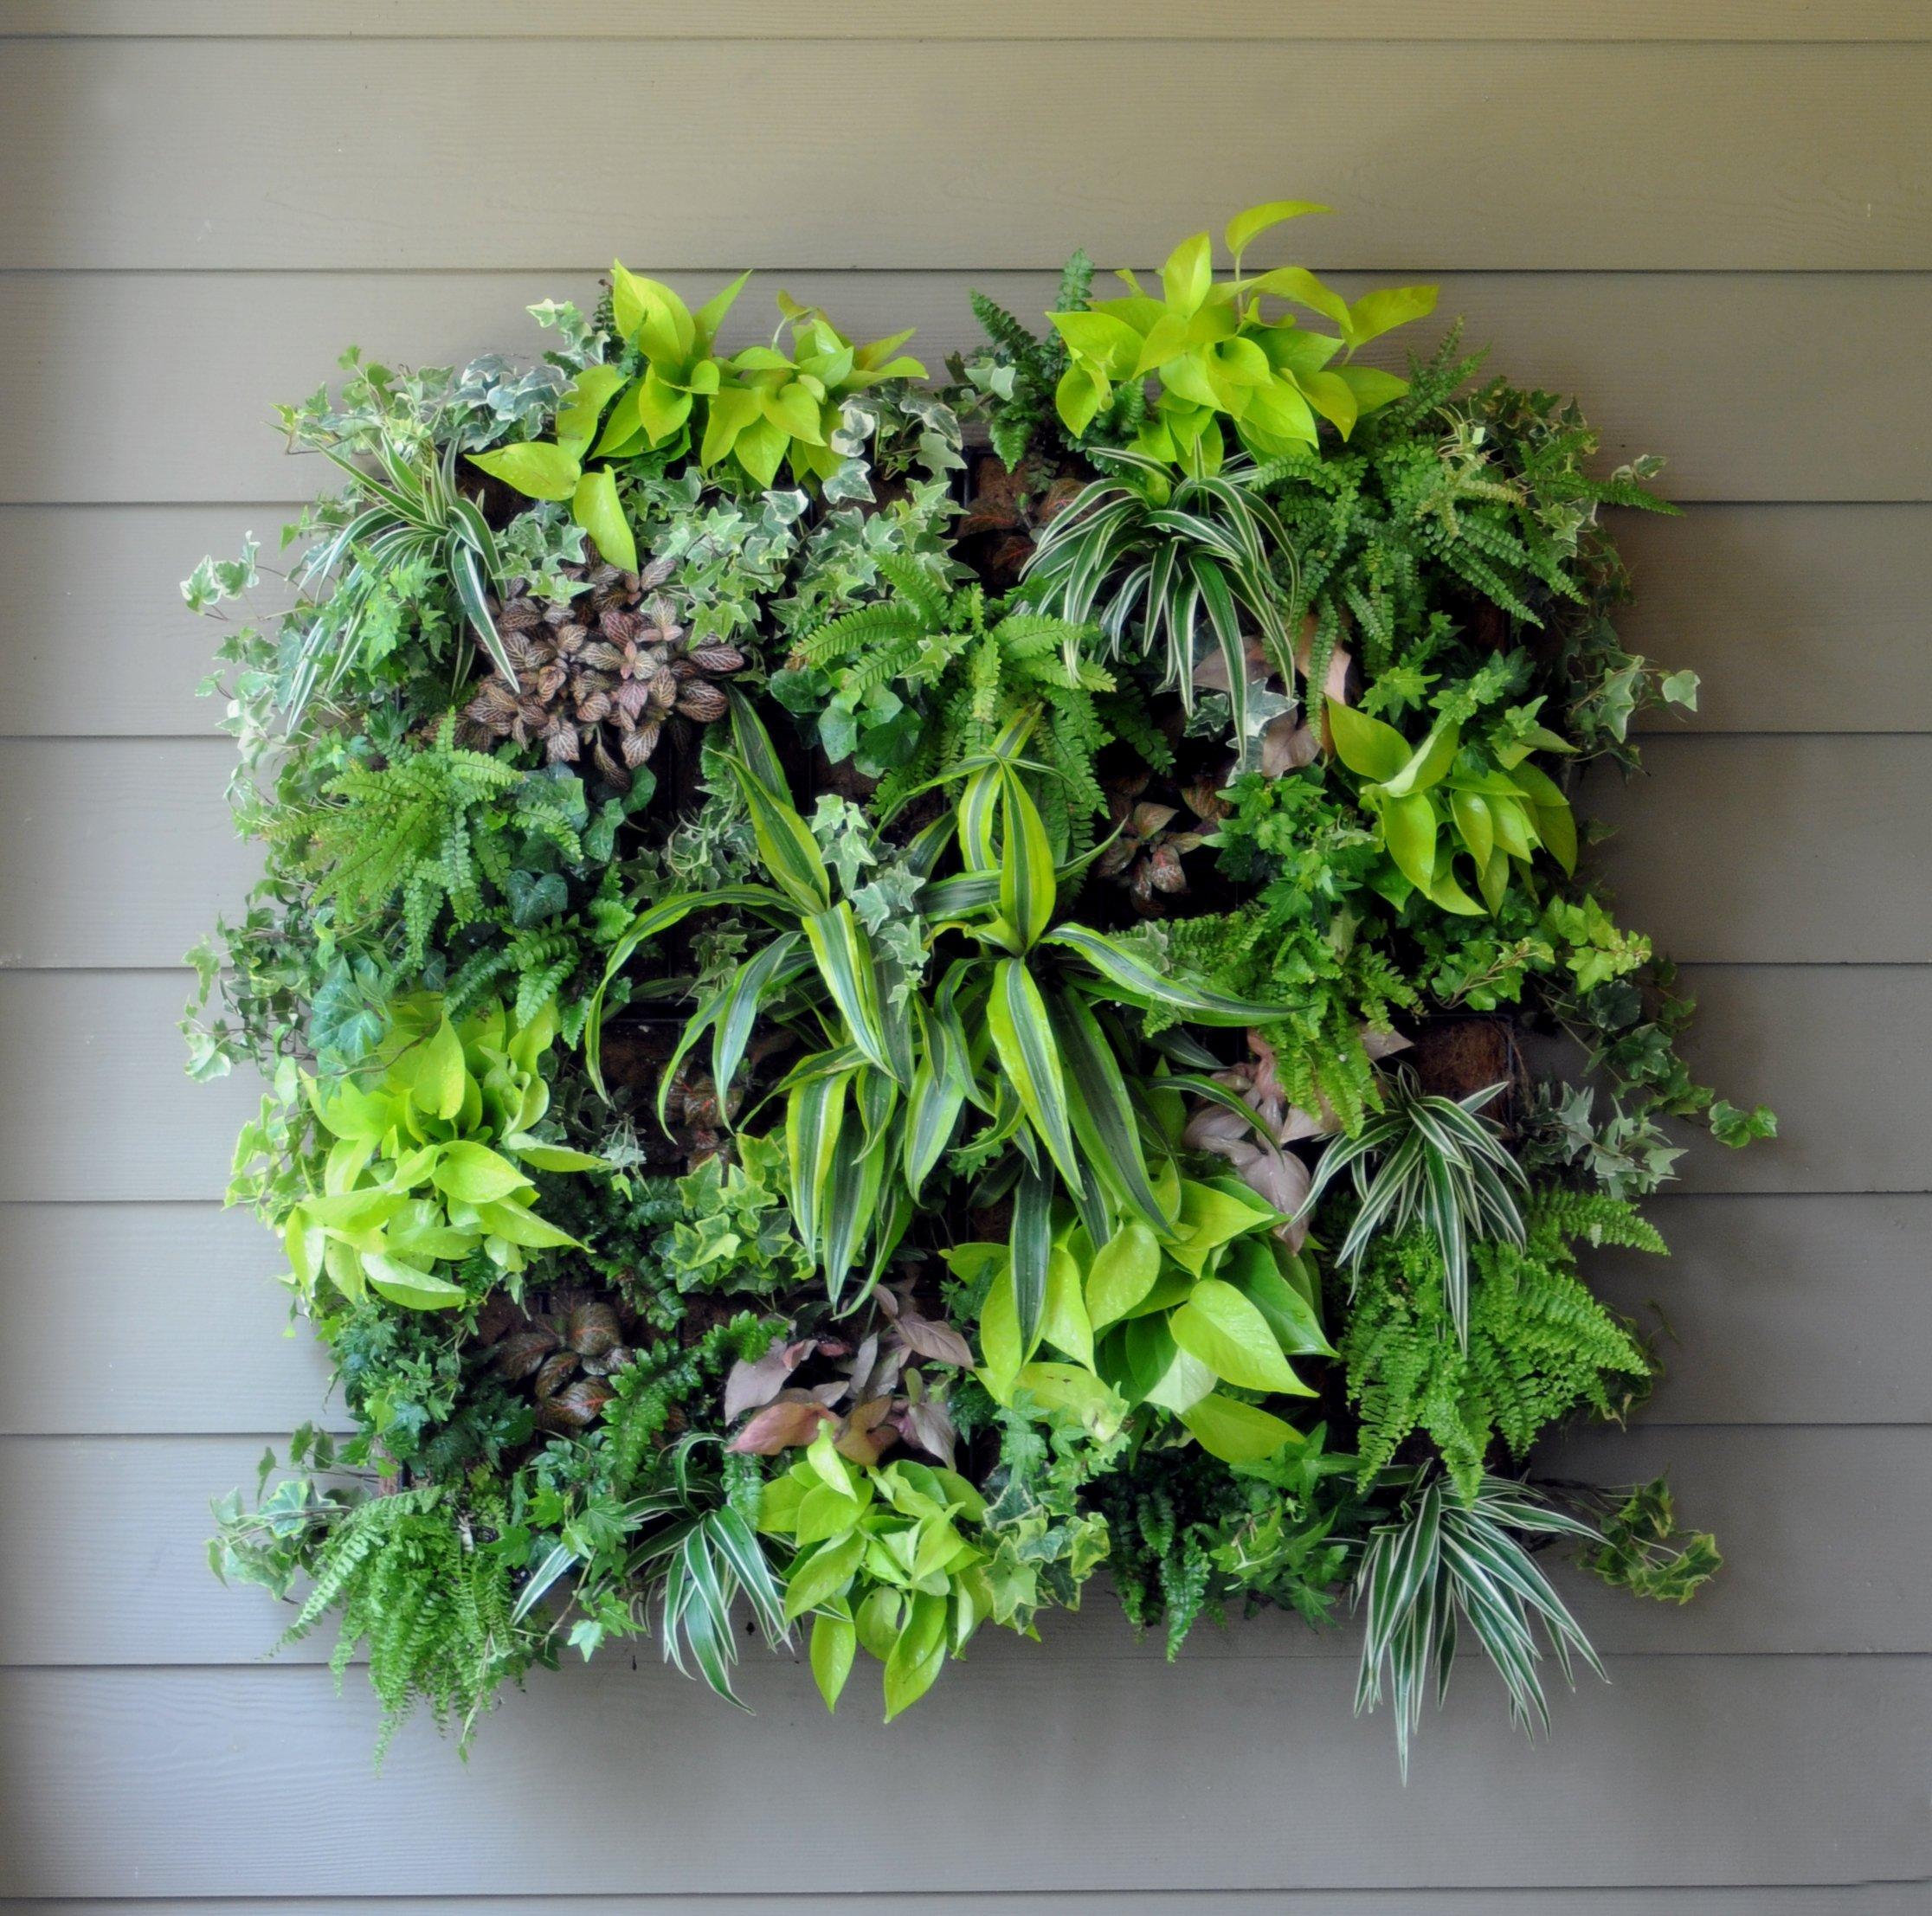 Vertical Garden Planter with Hangs, 9 Pocket Hanging Indoor / Outdoor Wall Garden